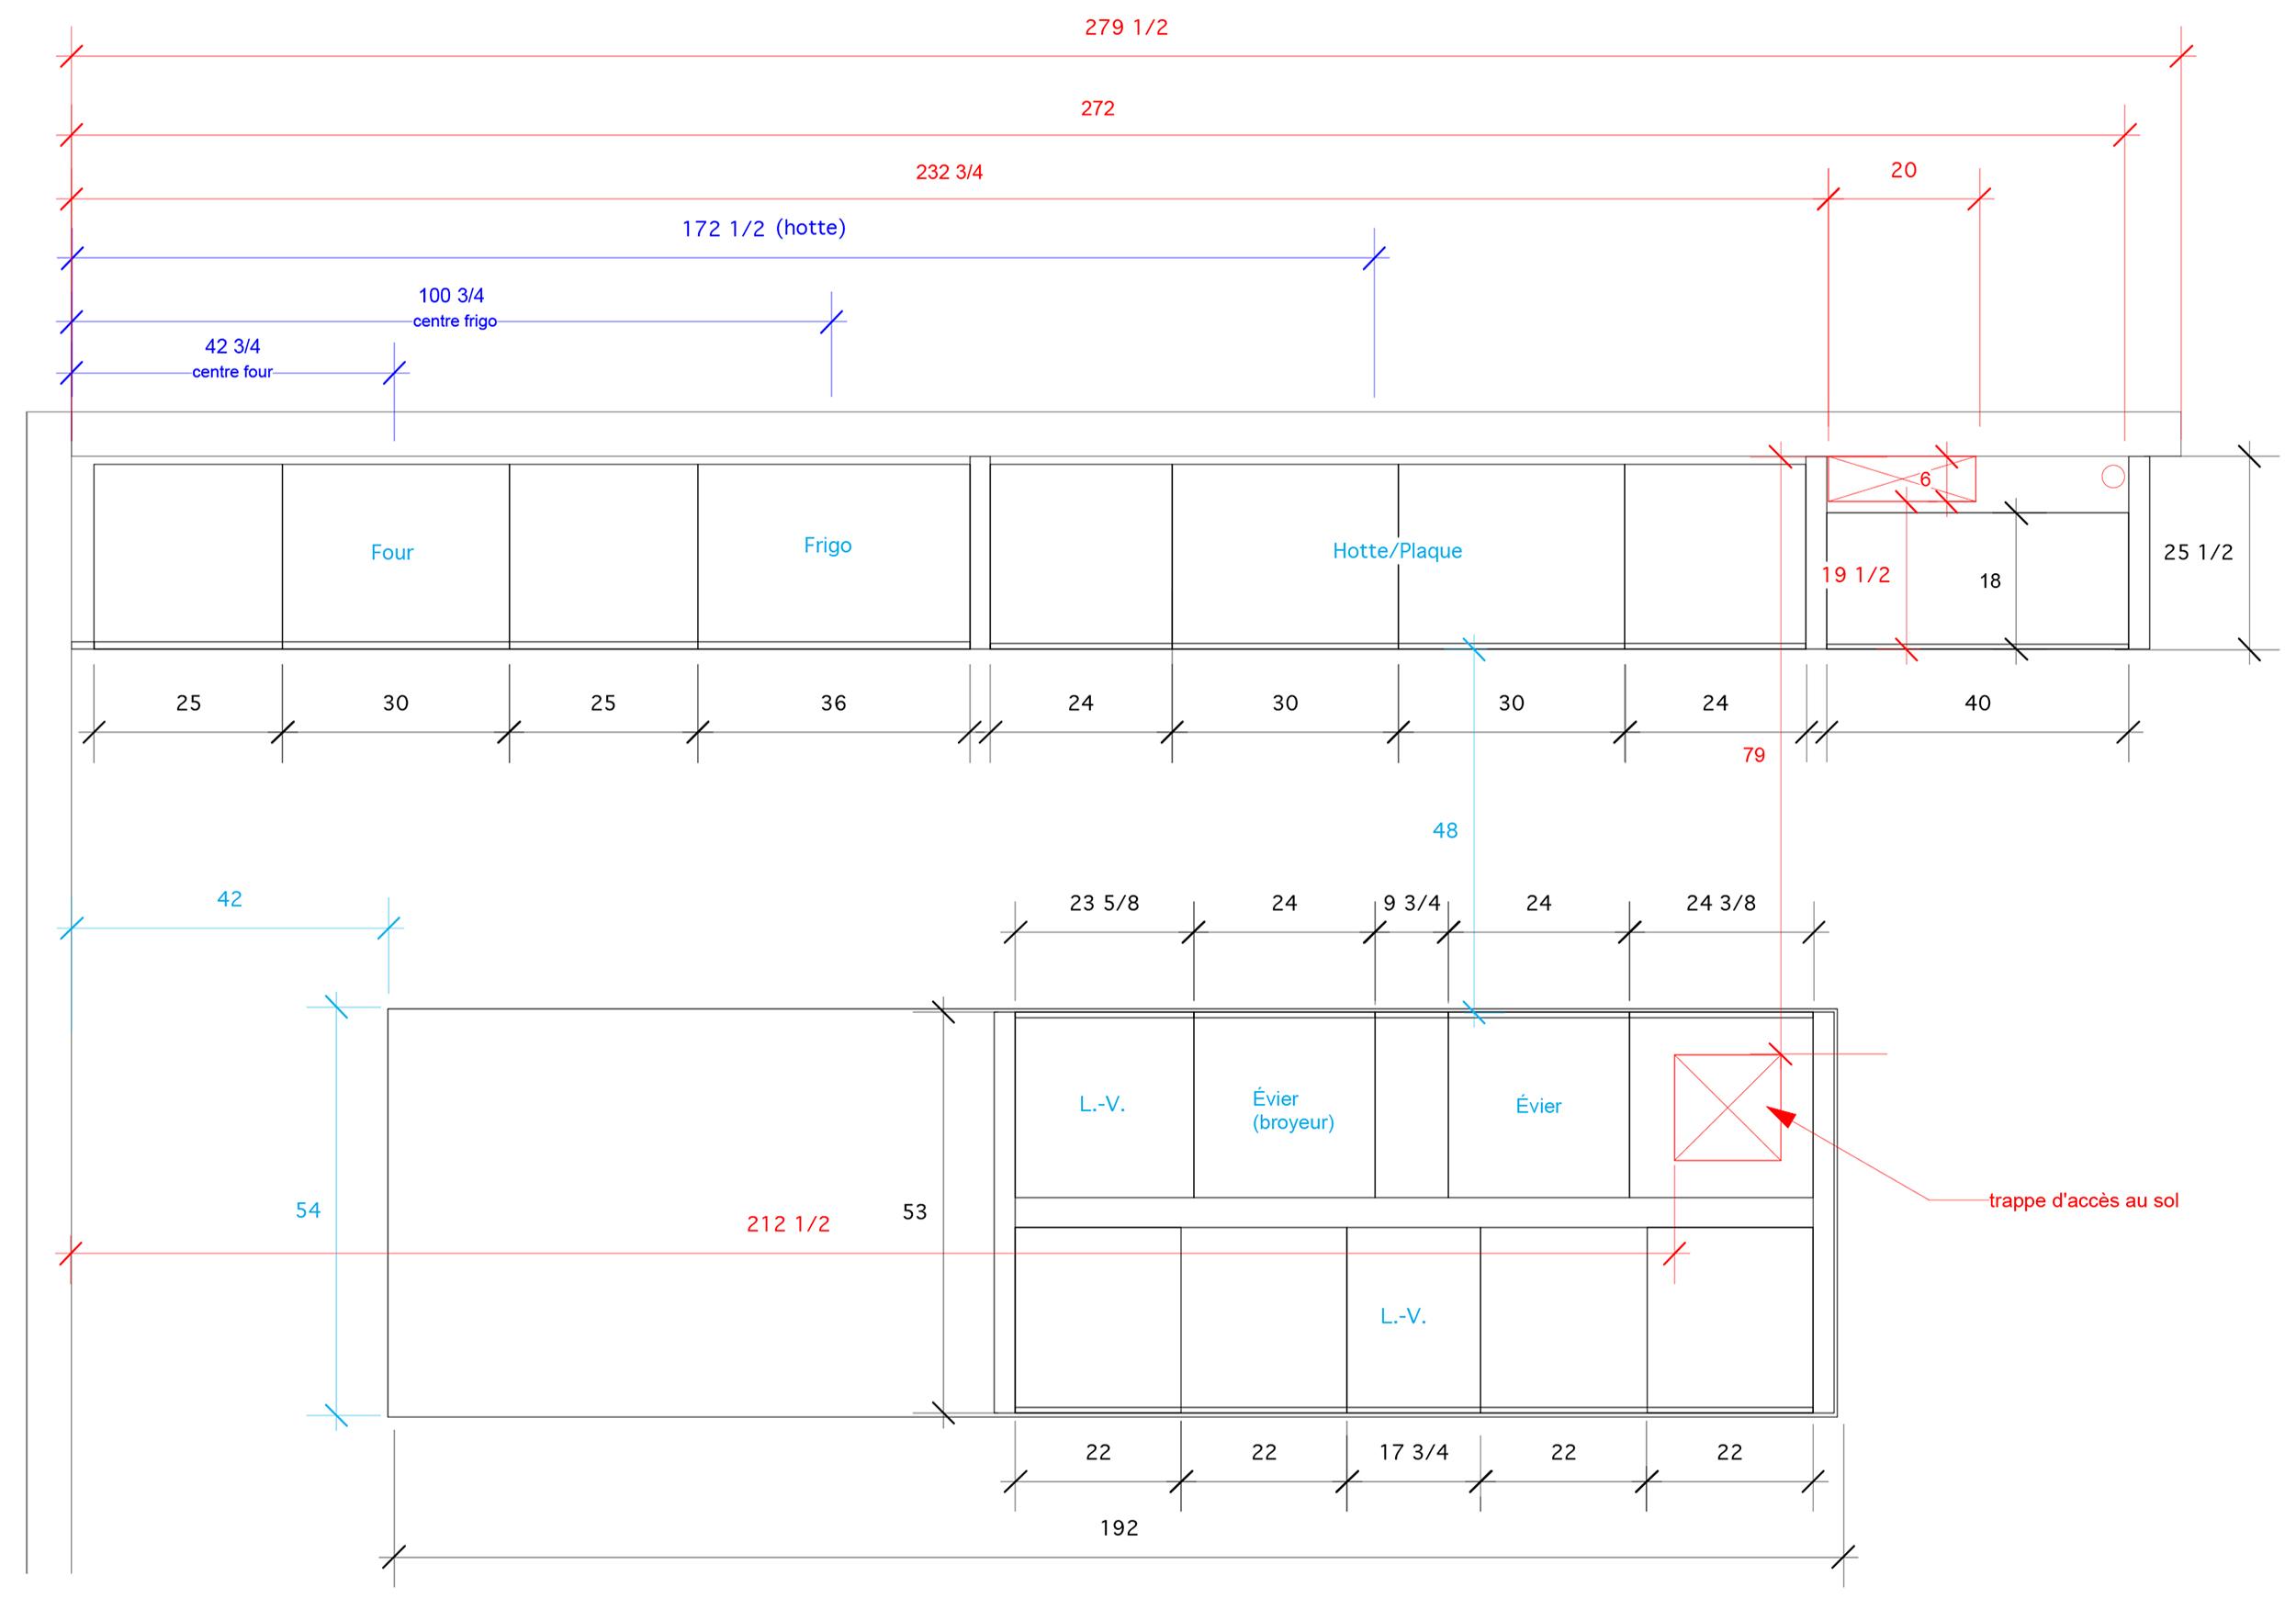 - Cette nouvelle construction de Saint-Lambert permit la réalisation de cette cuisine spectaculaire aux défis de taille en terme structural. Ornée d'un îlot d'acier inoxydable de 16' avec son porte-à-faux de 6 pieds, une structure d'acier rivé au plancher permet cet exploit pour créer cet effet flottant. Les façades de verre satinées viennent adoucir le côté brut de l'îlot et créer un espace convivial à l'épreuve du temps!Matériaux: façade de verre noire satinée , laque blanche polyuréthane 30% de lustre, placage de noyer noir effet planche, comptoir & niche en acier inoxydable.